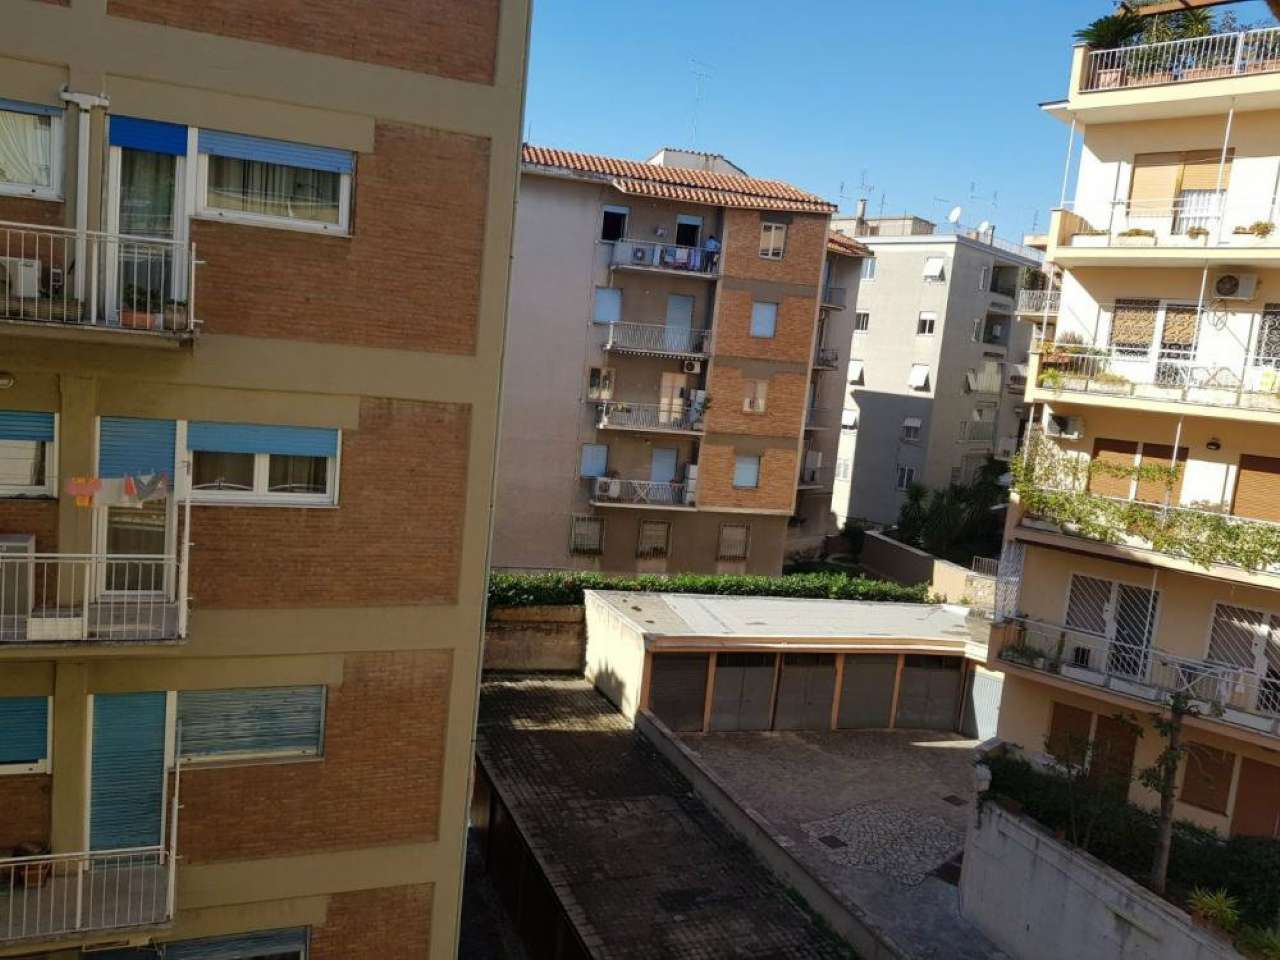 Appartamento in vendita a Roma, 4 locali, zona Zona: 18 . Ardeatino - Grotta Perfetta - Fonte Meravigliosa, prezzo € 330.000 | CambioCasa.it